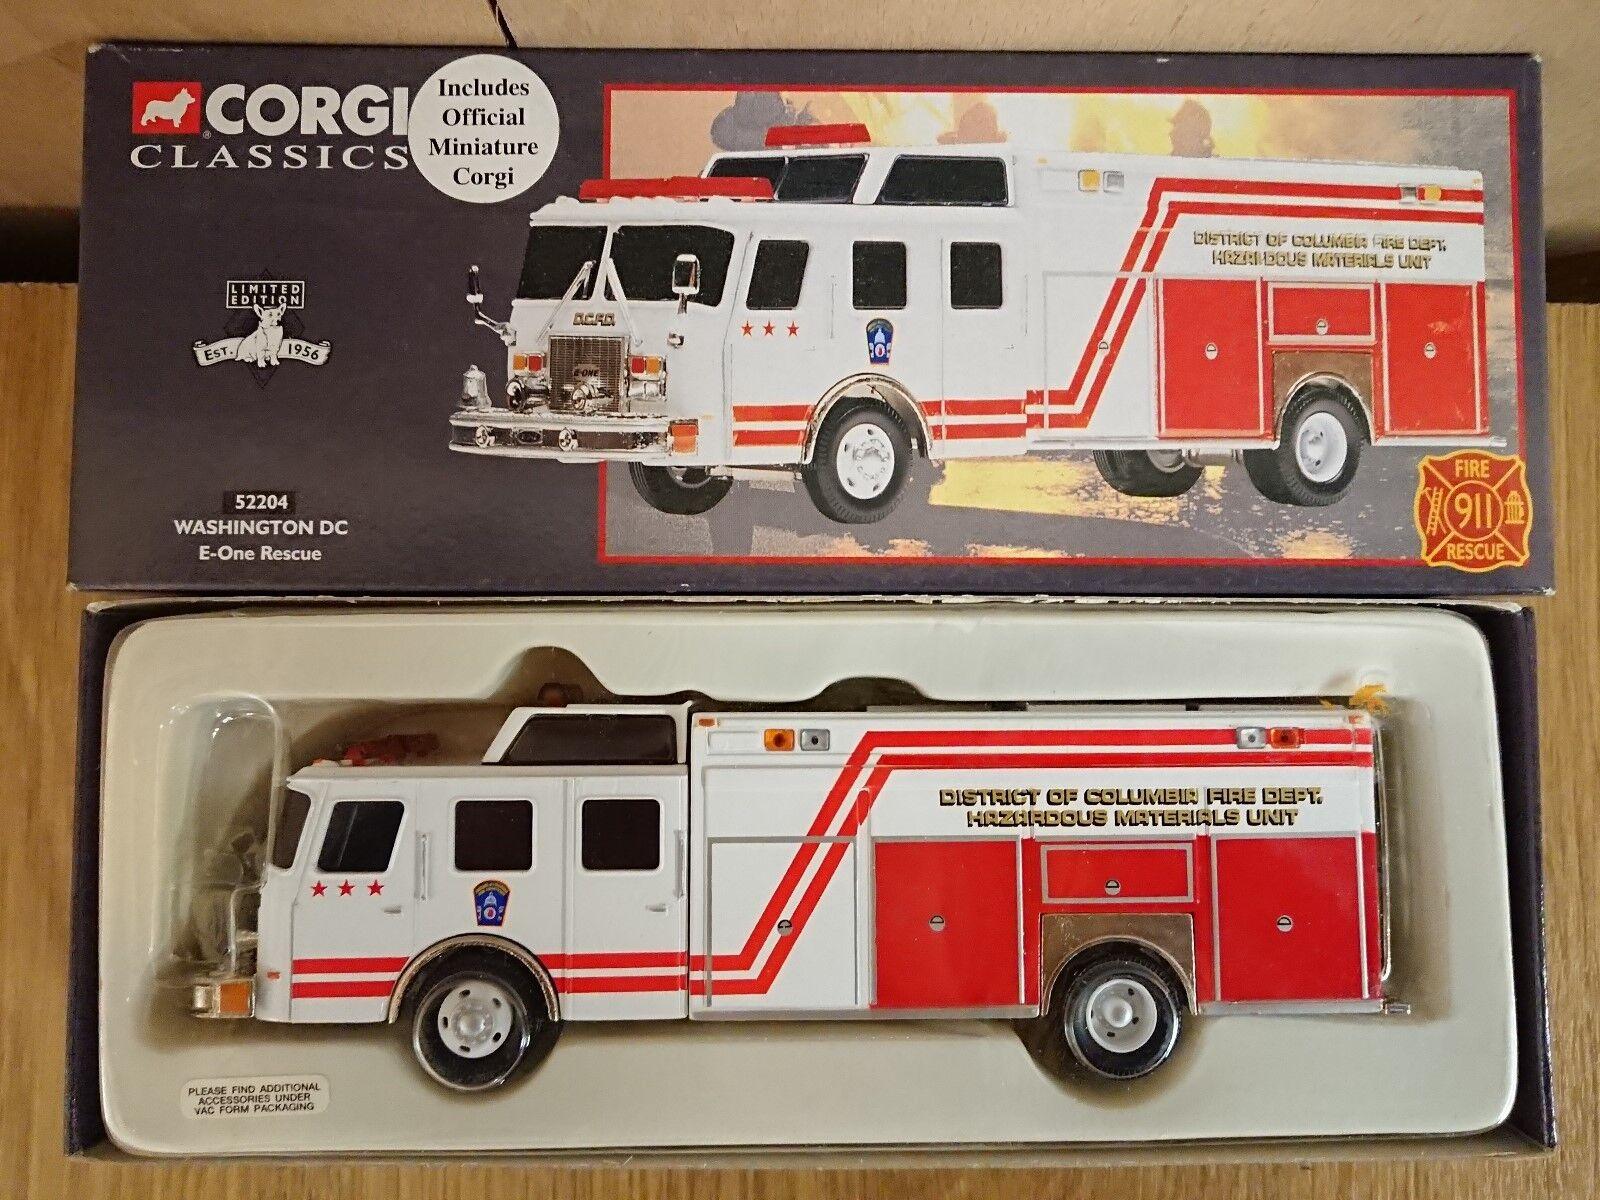 più sconto CORGI classeICS 52204 E-ONE E-ONE E-ONE Rescue Washington DC Ltd edizione N. 0001 del 5000  servizio onesto